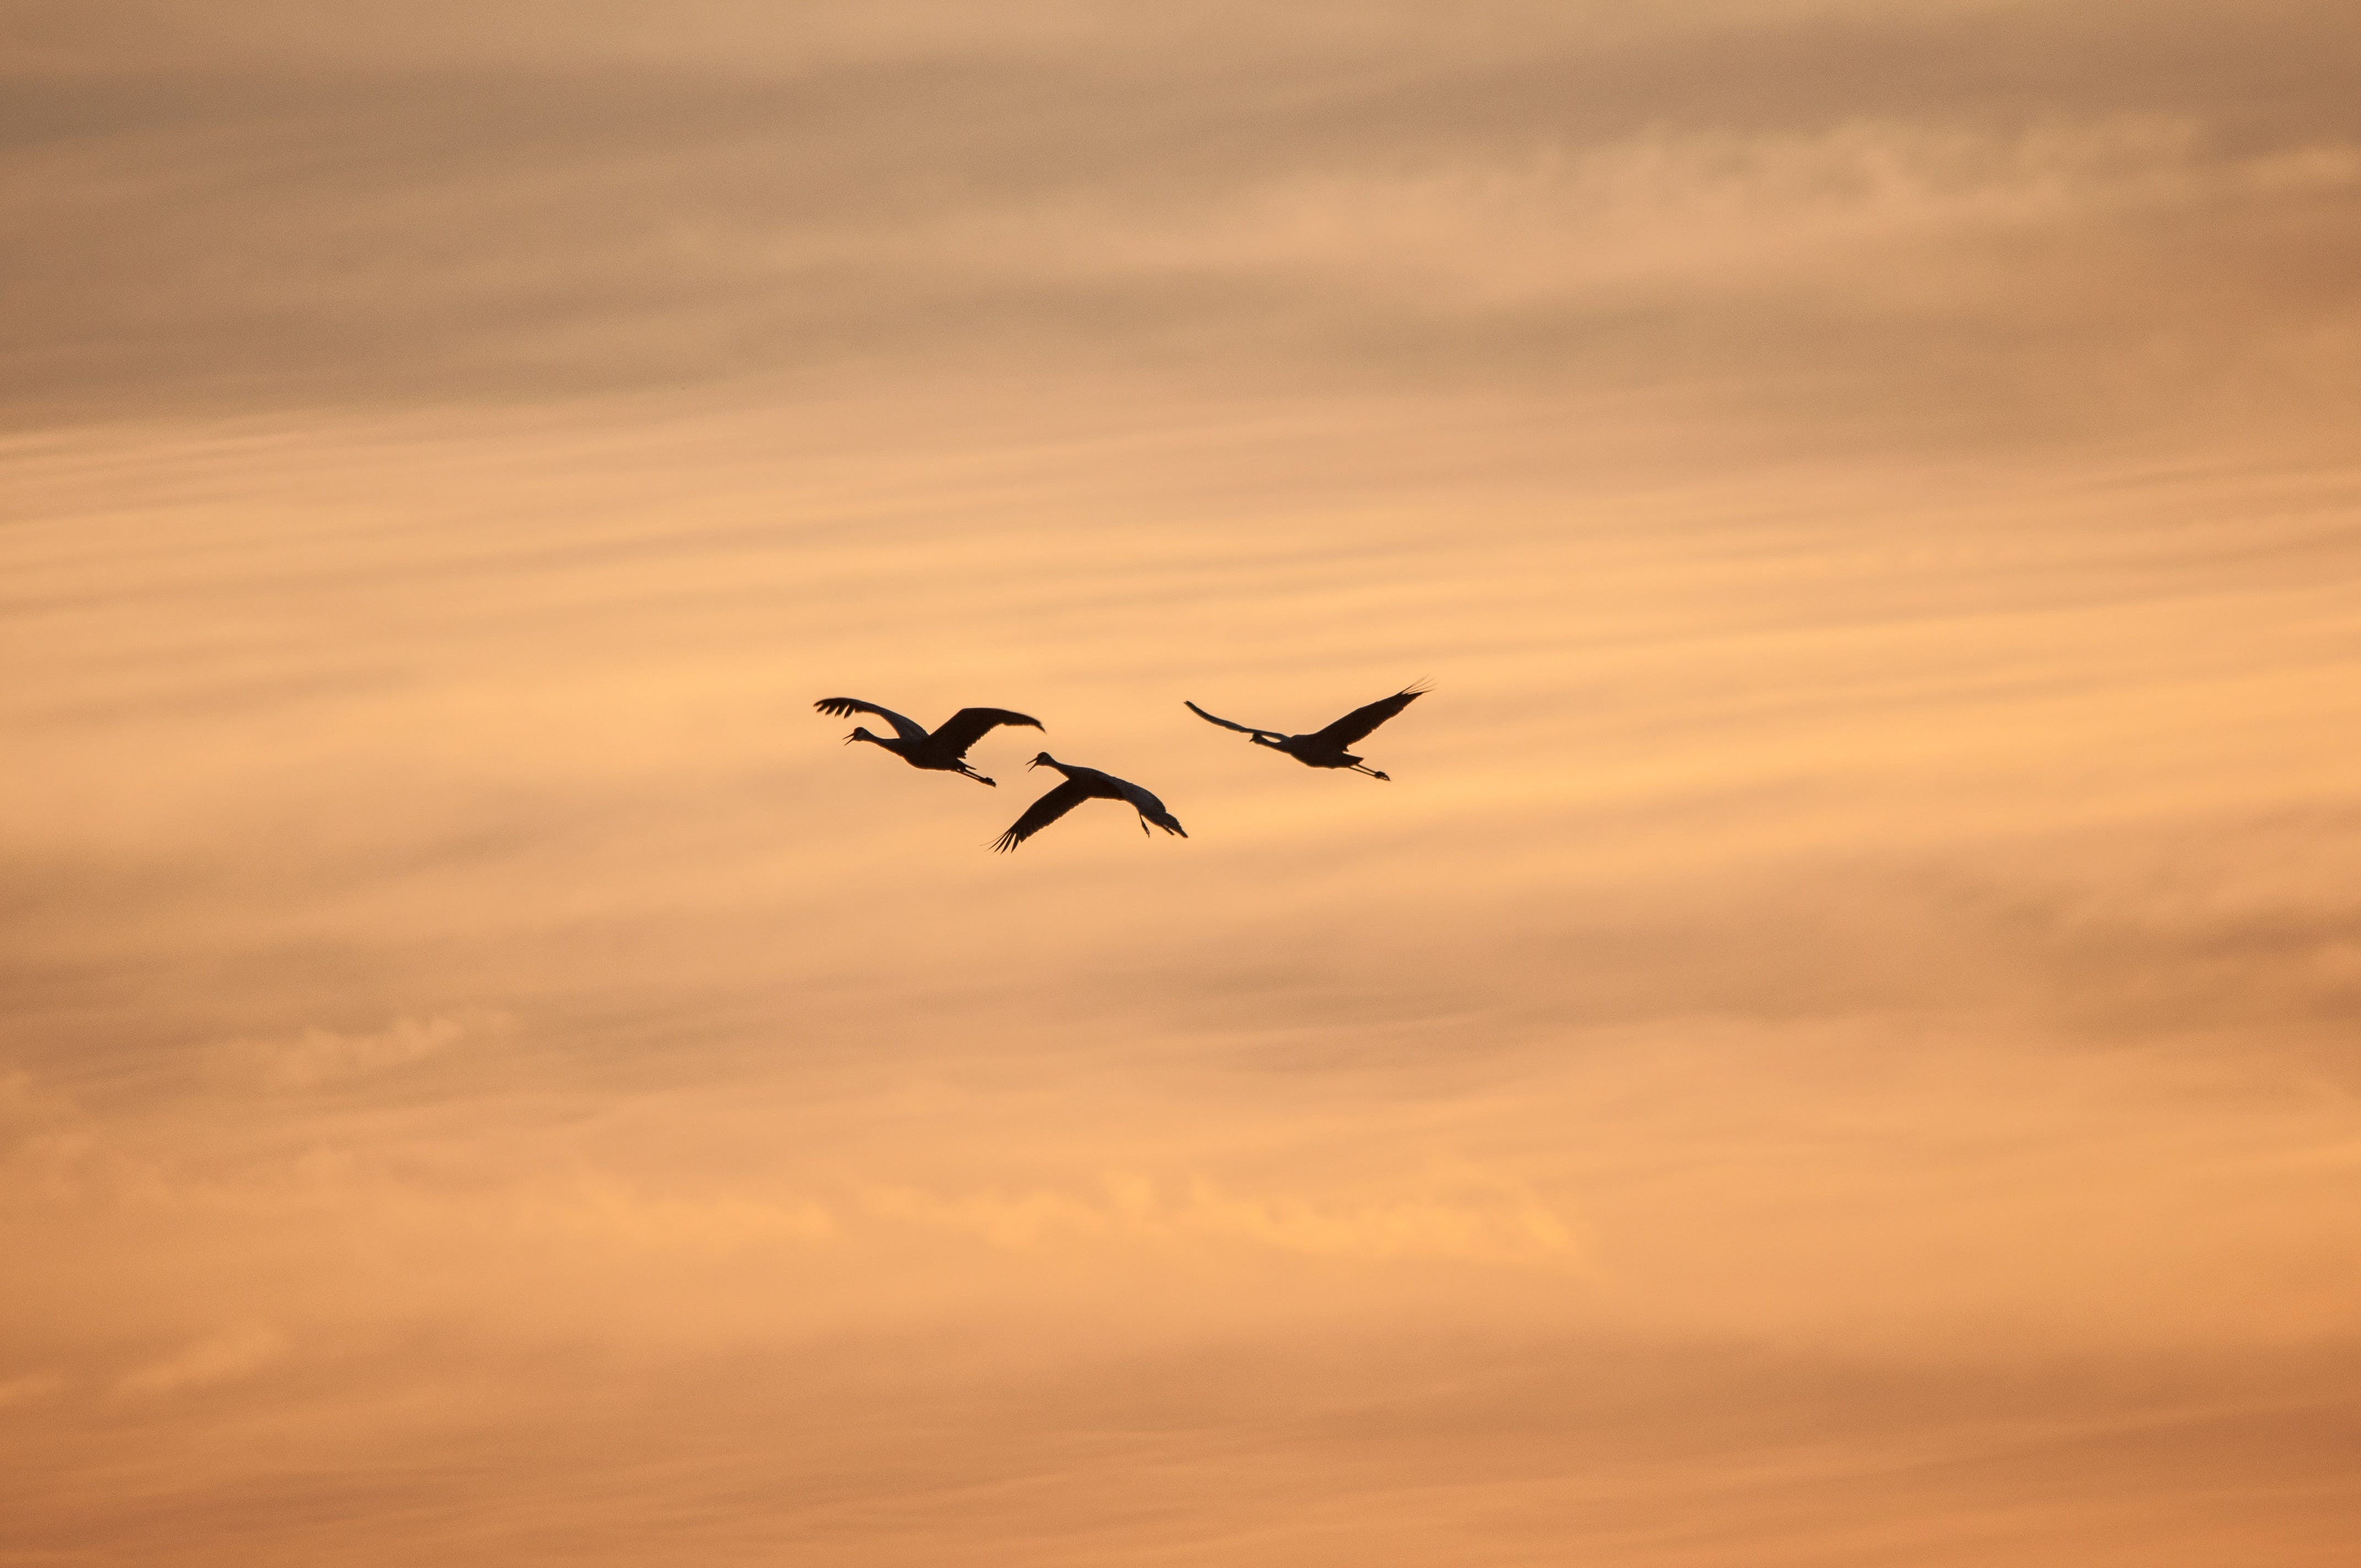 3 Black Bird Flying